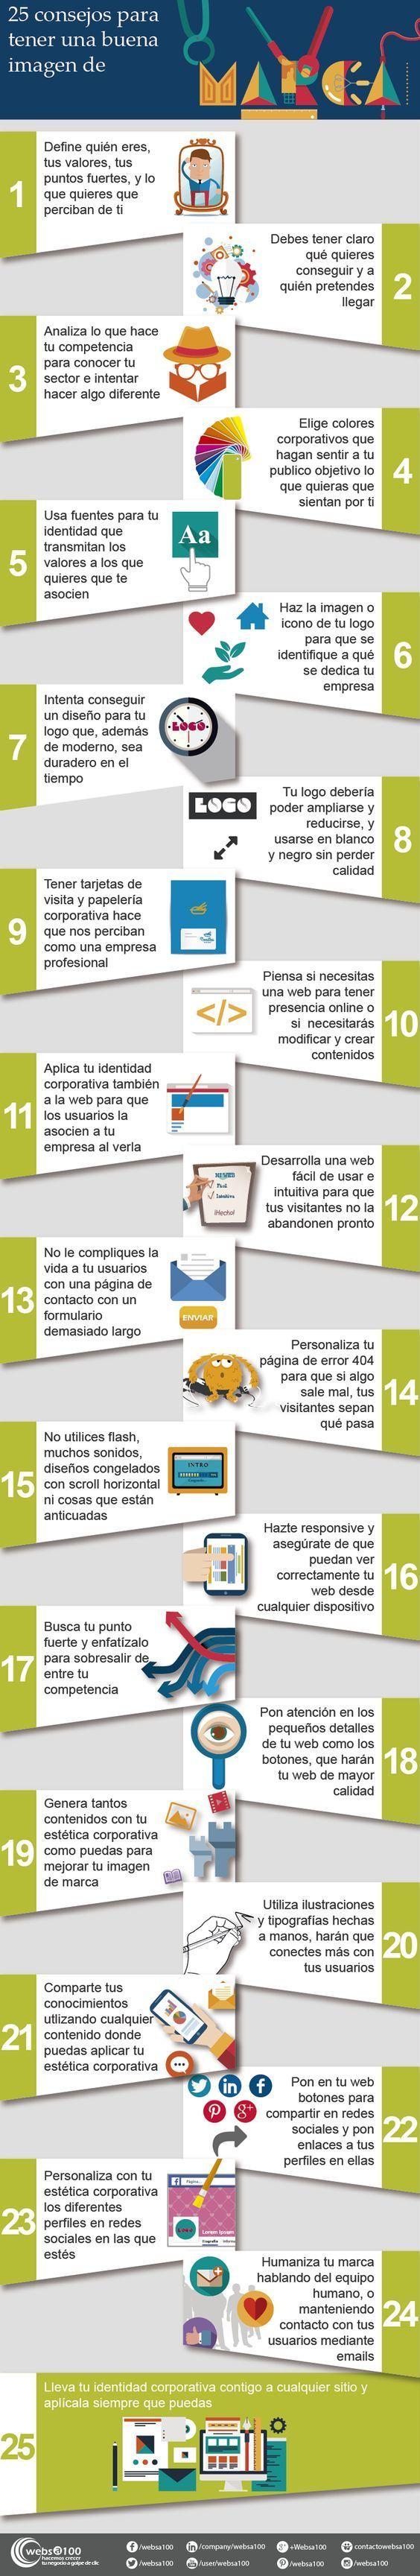 Jessica Rosado (de la Agencia Websa1000) y sus 25 Consejos para Mejorar tu Imagen de Marca